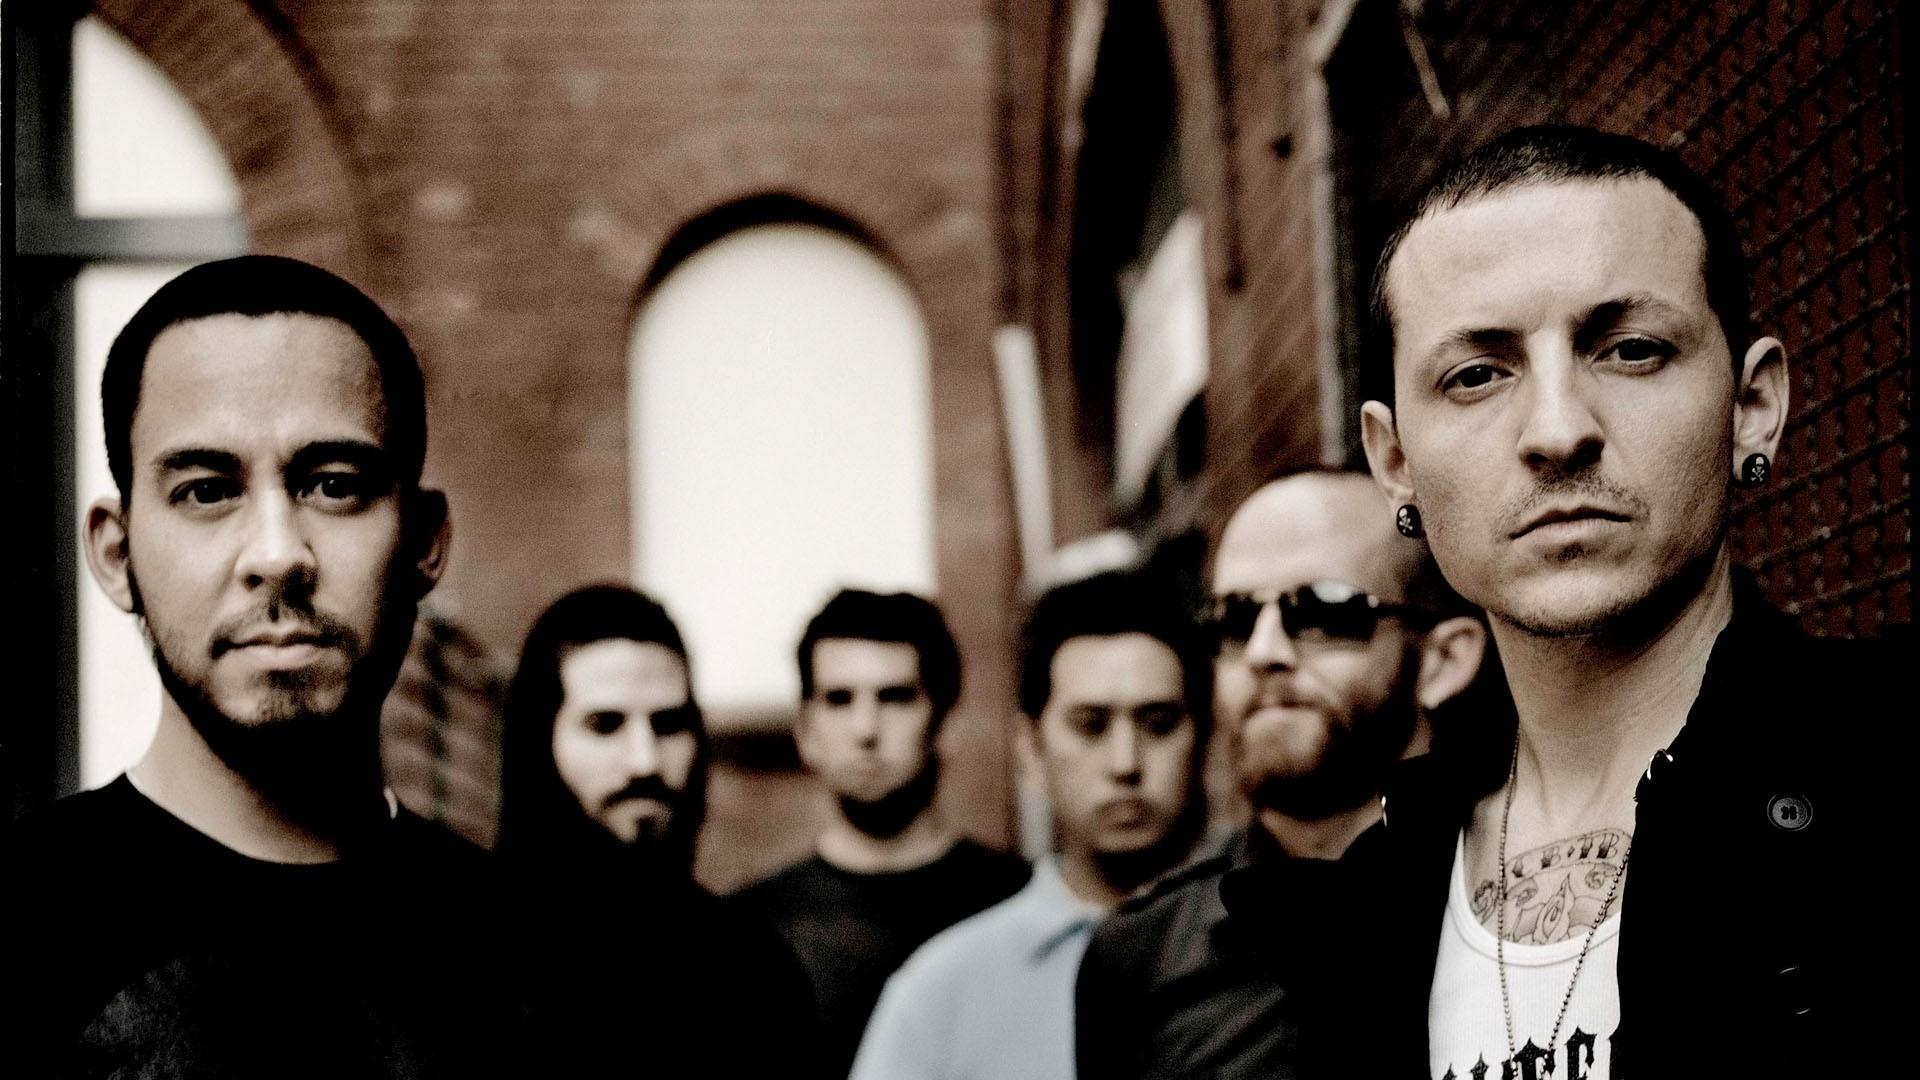 Wallpaper Photography Gentleman House Band Linkin Park